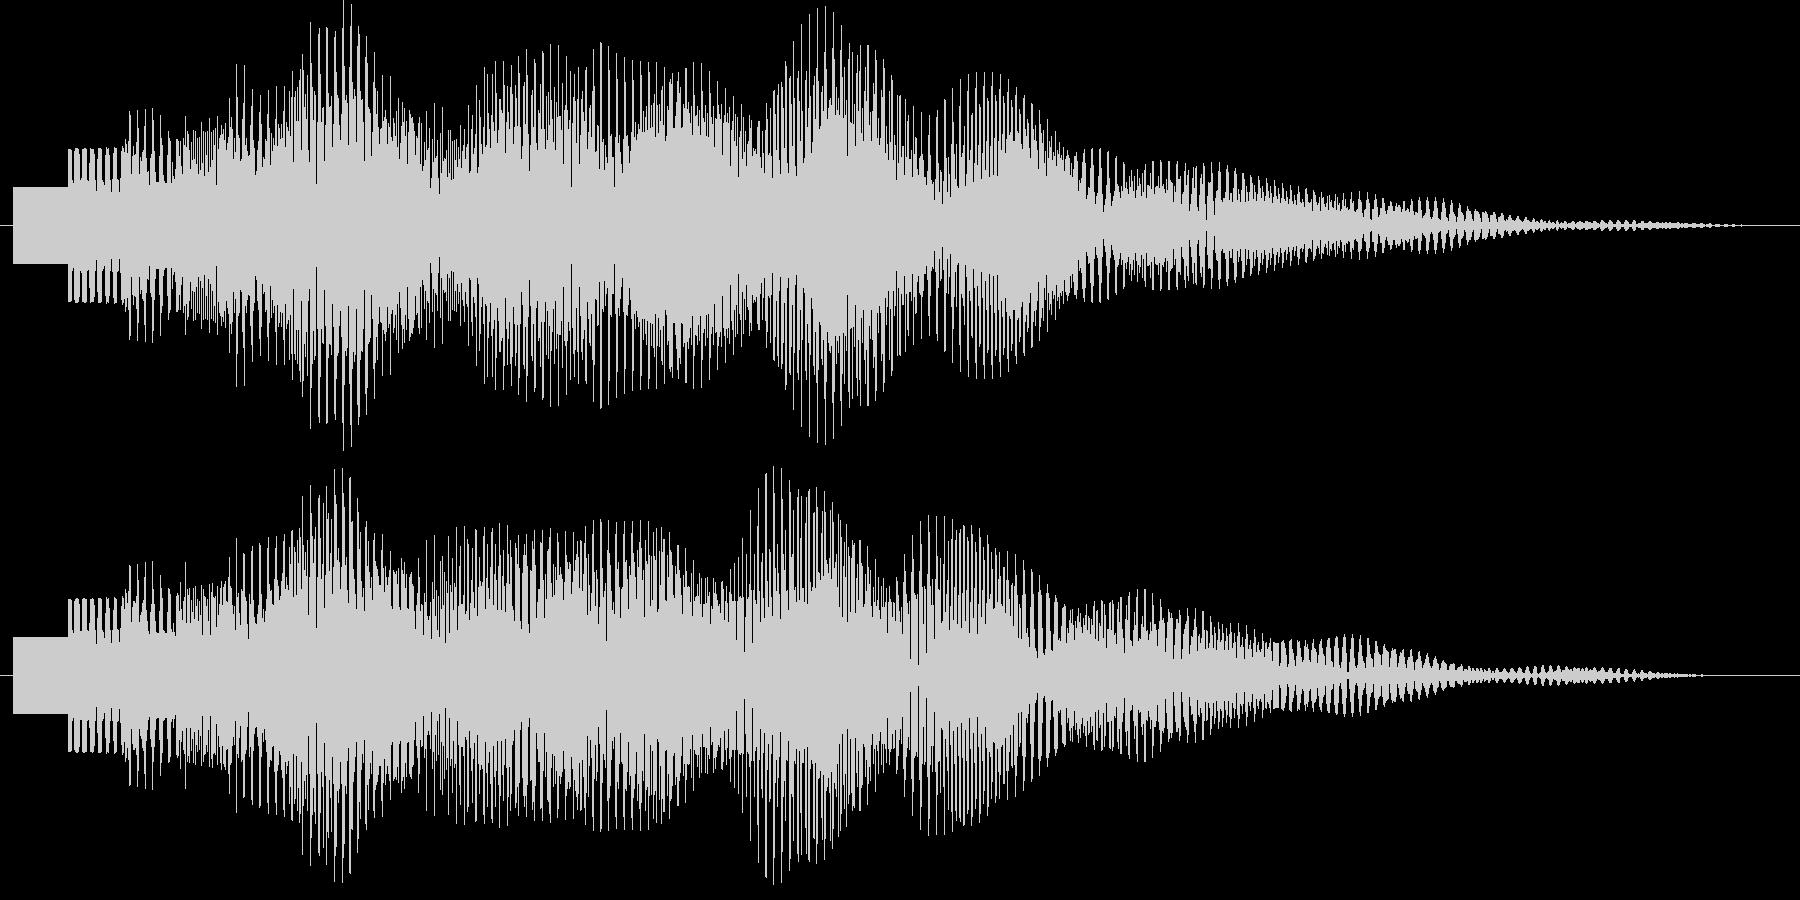 ポロリローン(デジタルチャイム)の未再生の波形